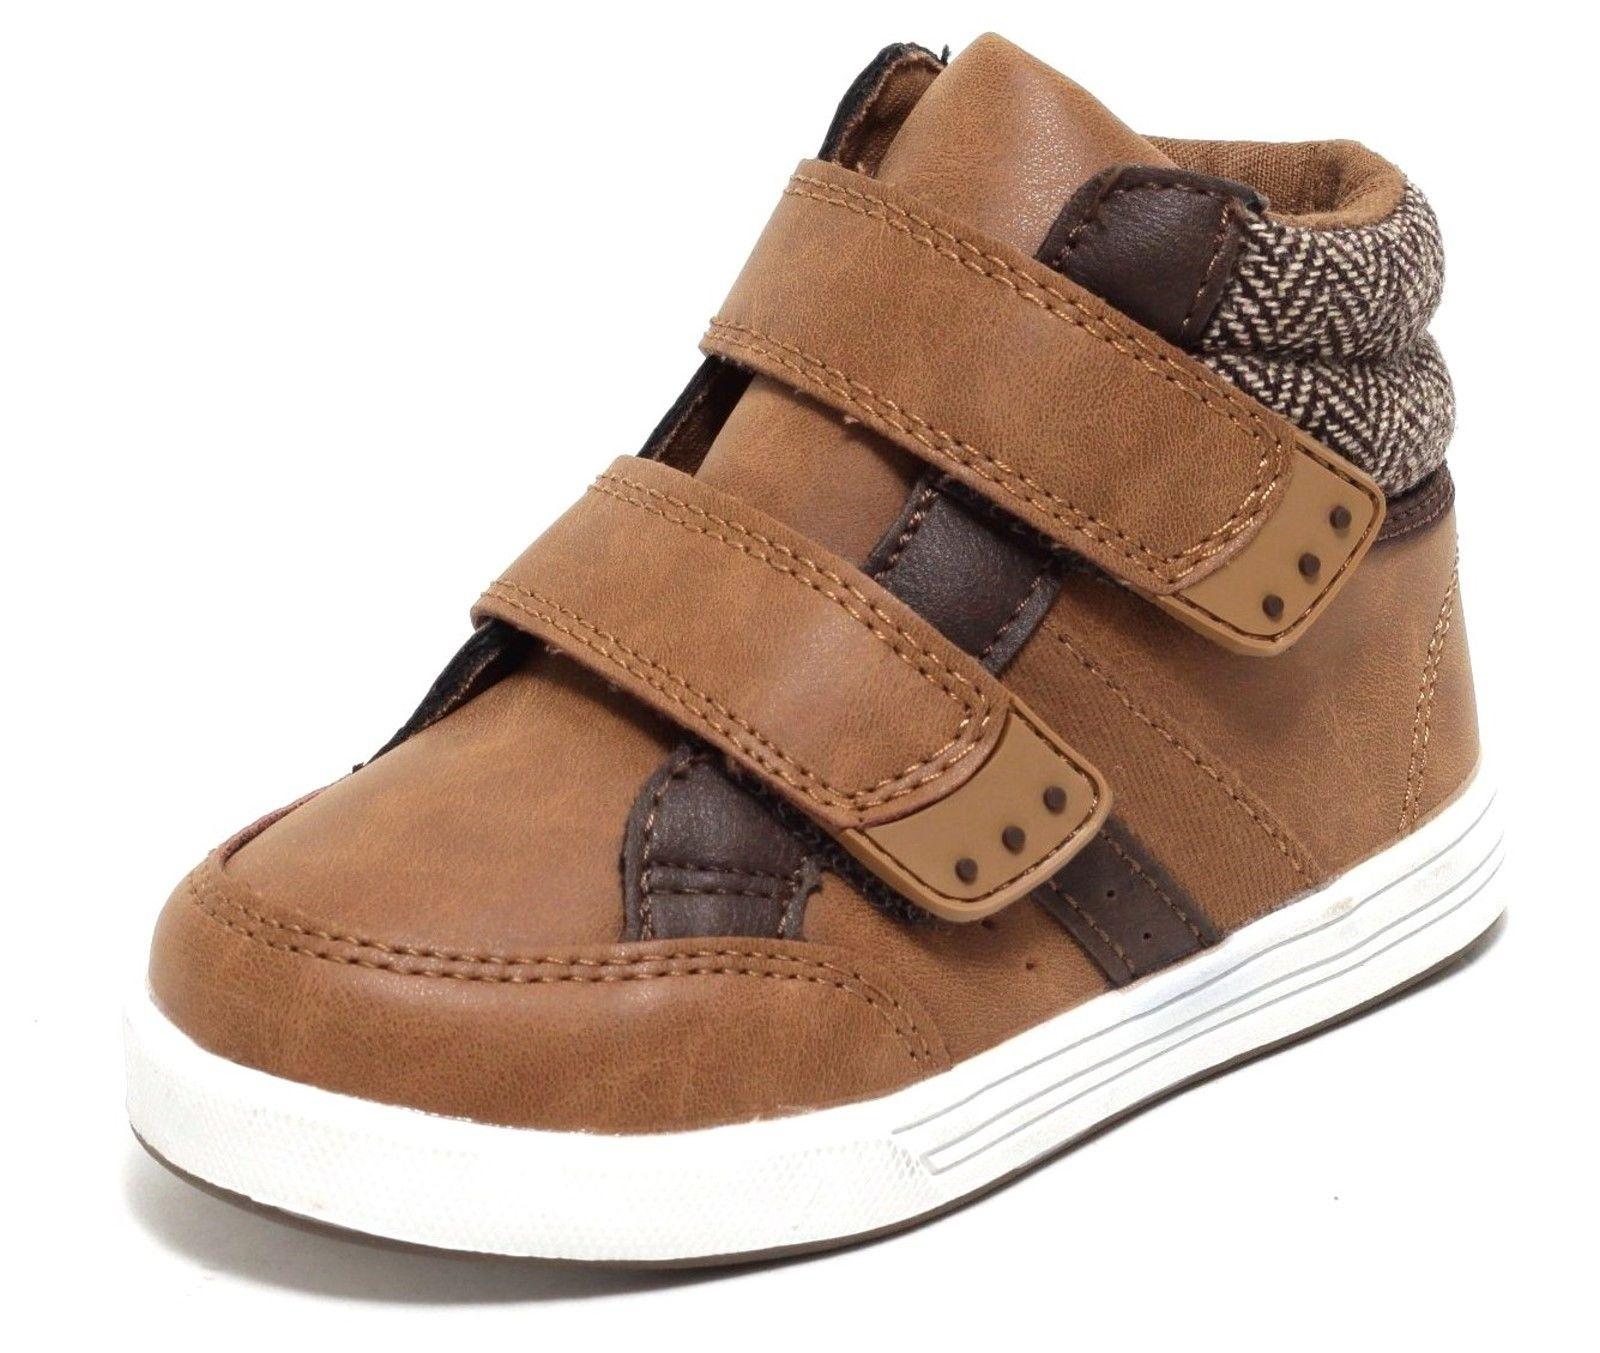 Highcut Sneaker Klett Schuhe 22 37 Kinderschuhe Jungen Mädchen TWEED STYLE braun | dynamic